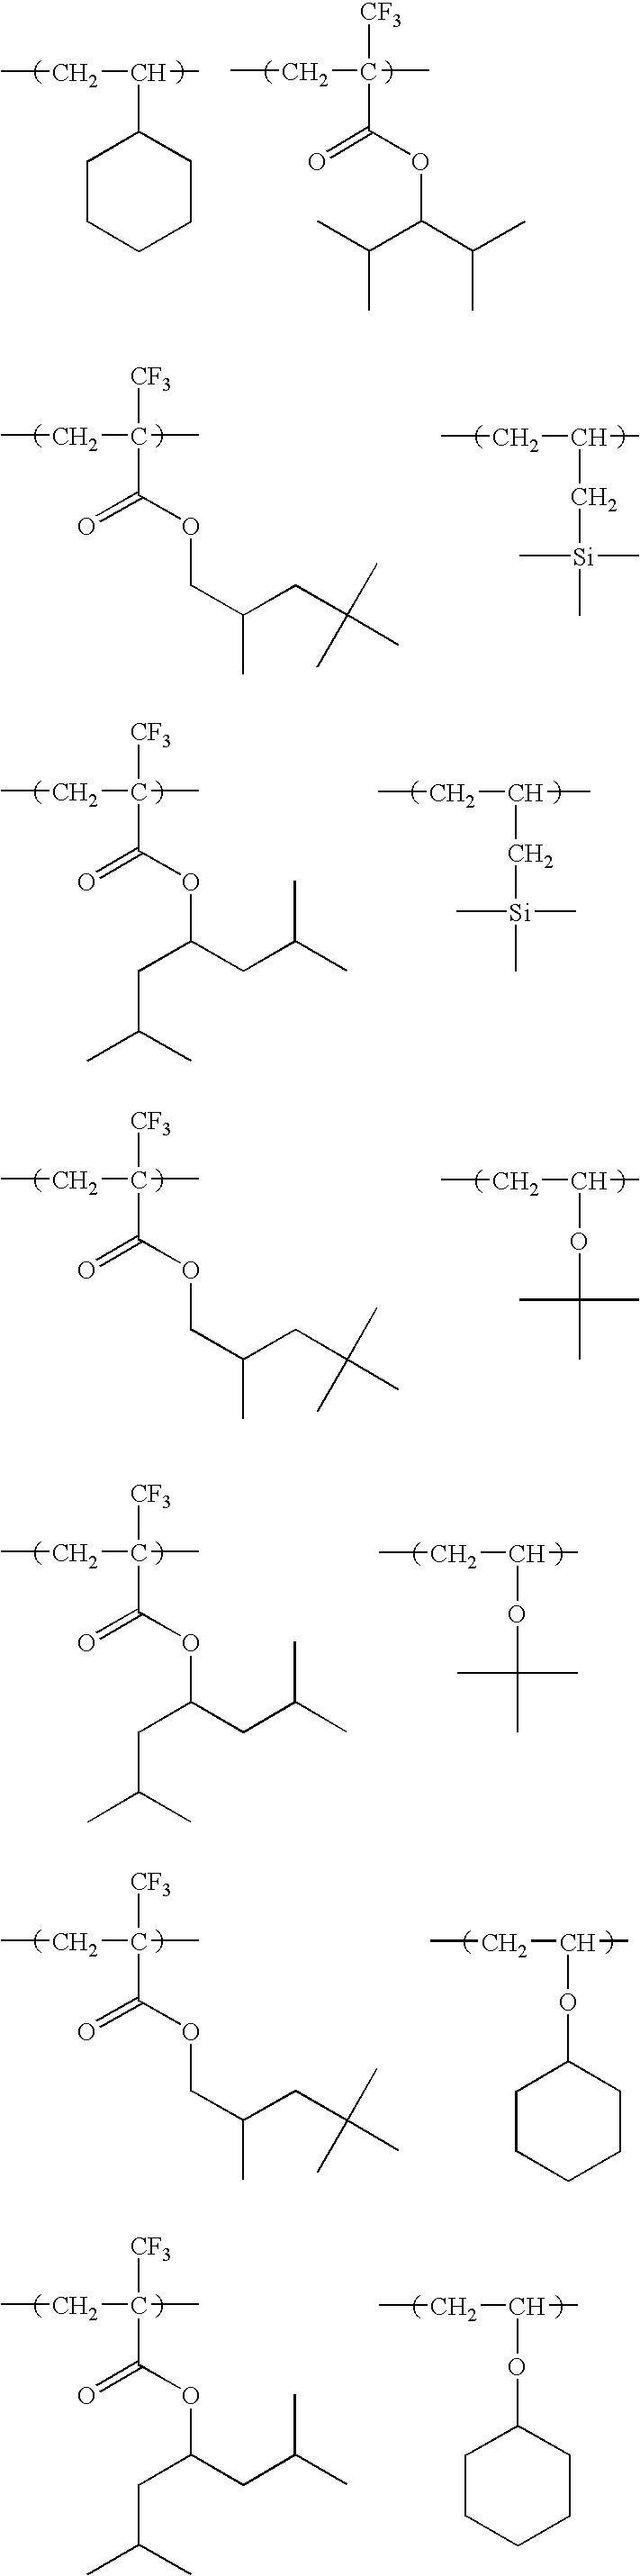 Figure US08241840-20120814-C00078